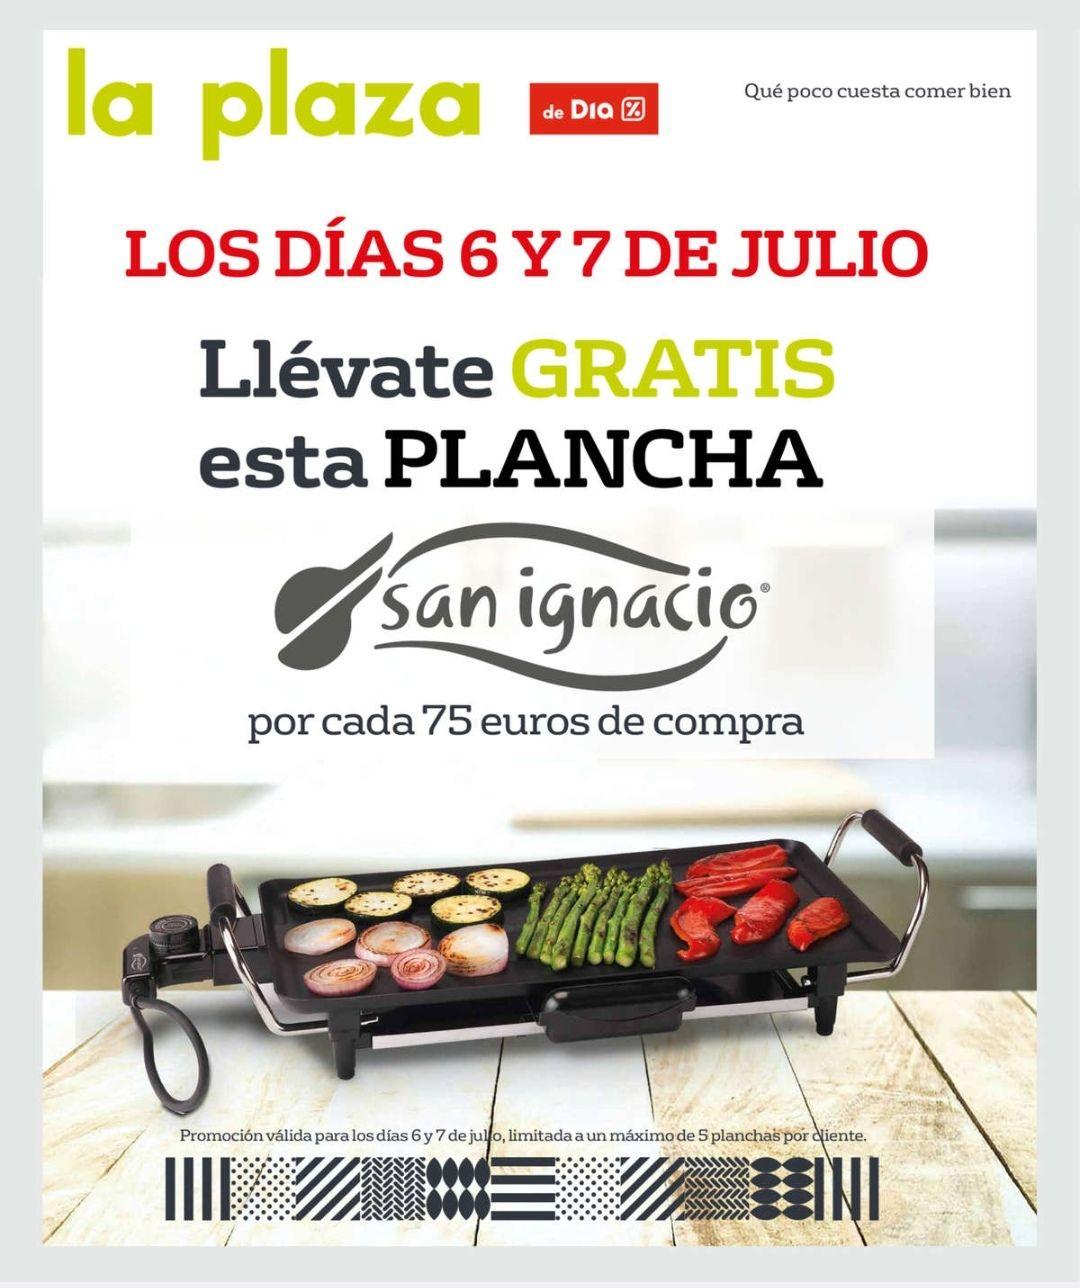 Por cada 75€ de compra te regalan una plancha San Ignacio en La Plaza de DIA